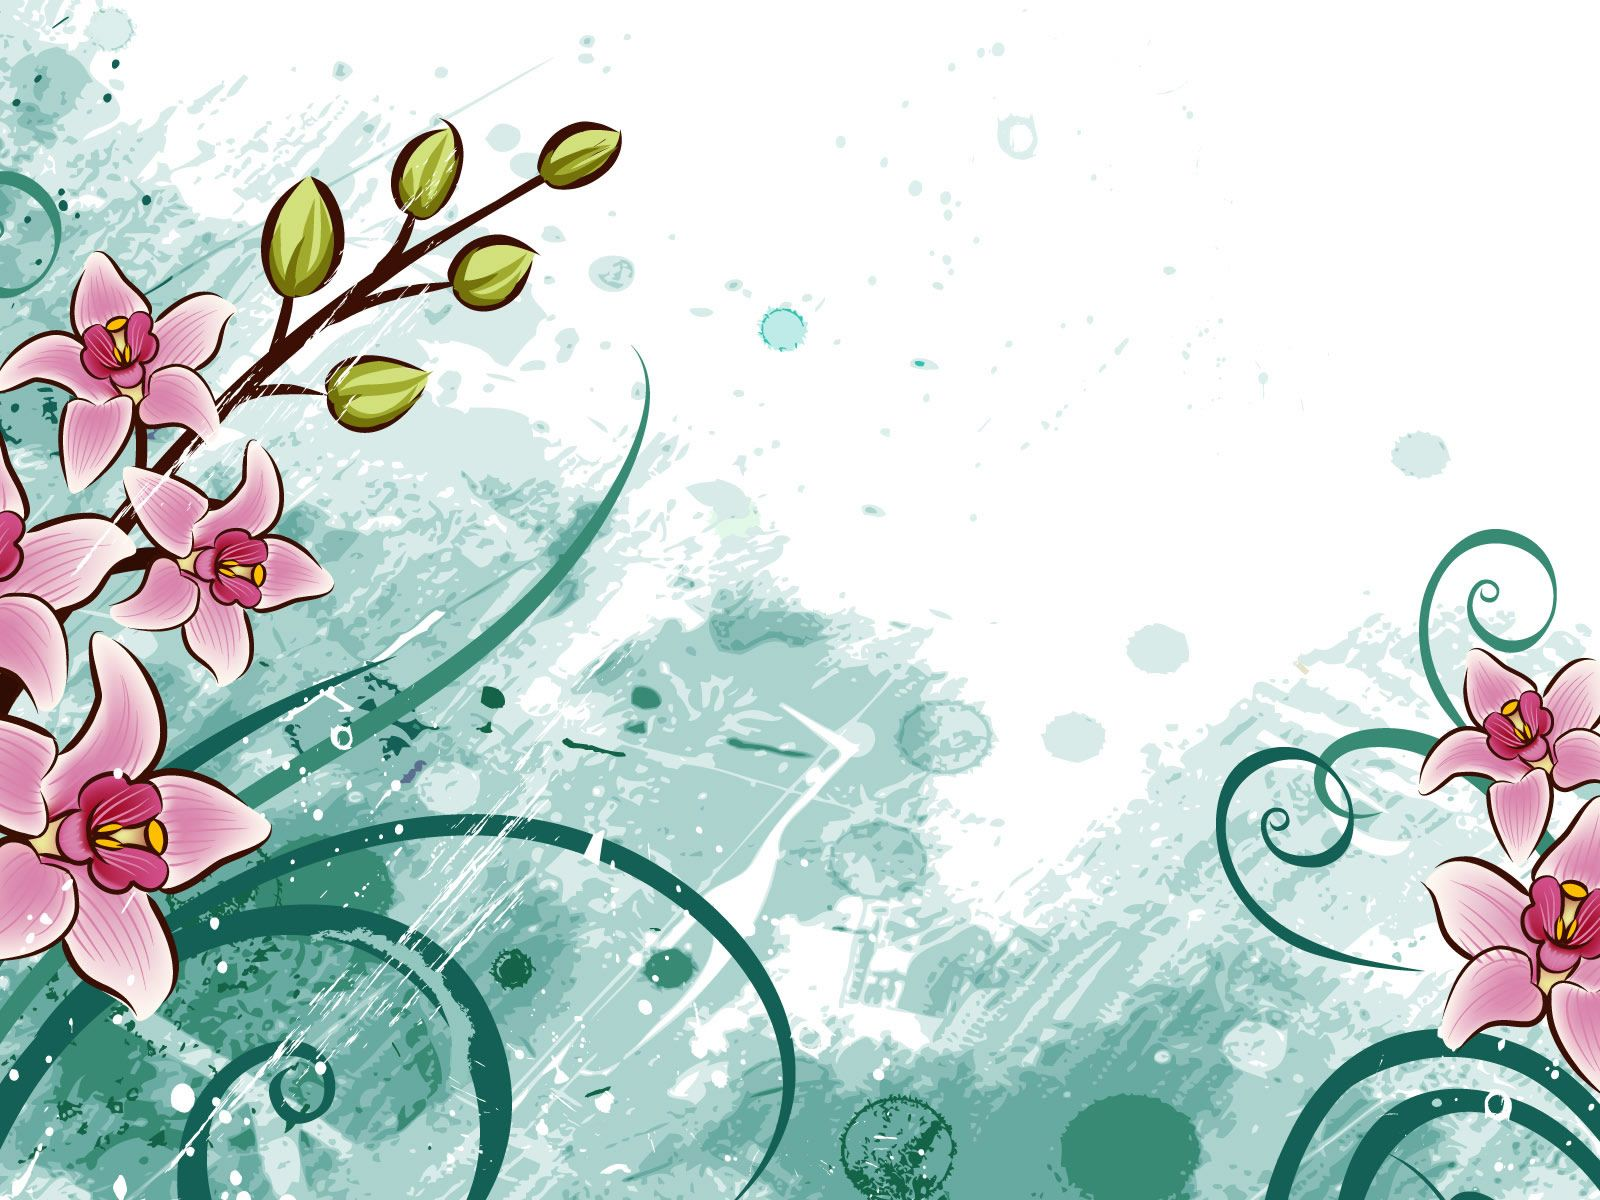 Fondos De Flores Wallpapers Hd Gratis: Flores Para Fondo En Hd Gratis Para Descargar 6 HD